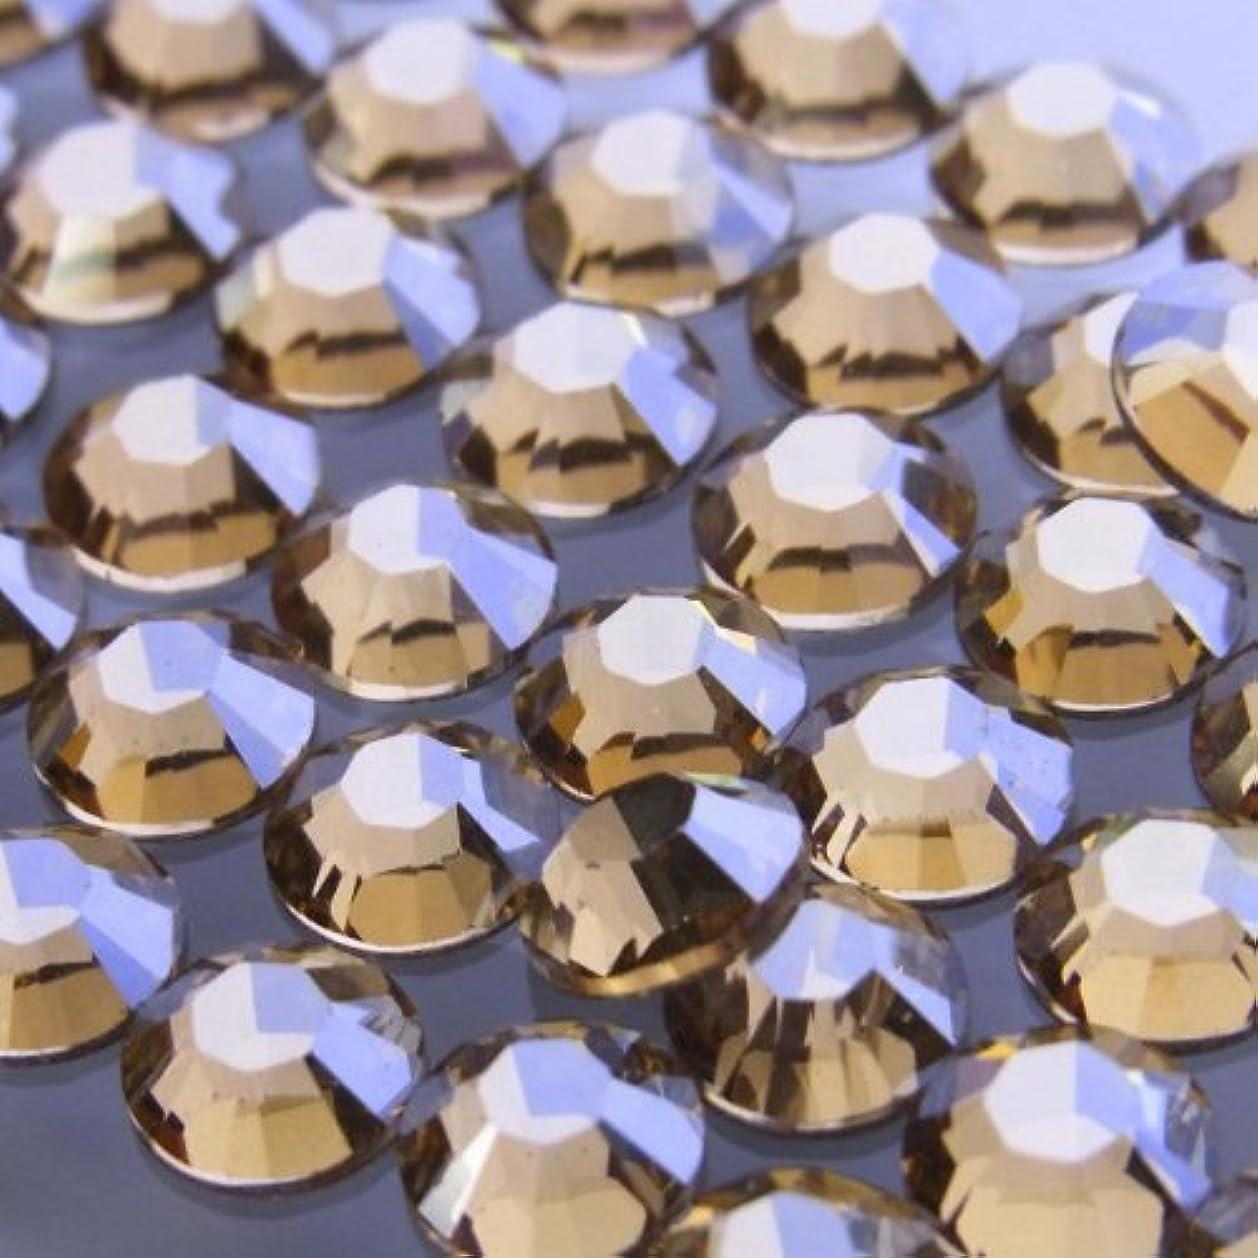 牛肉衰えるベンチャー2058クリスタルゴールデンシャドウss9(100粒入り)スワロフスキーラインストーン(nohotfix)